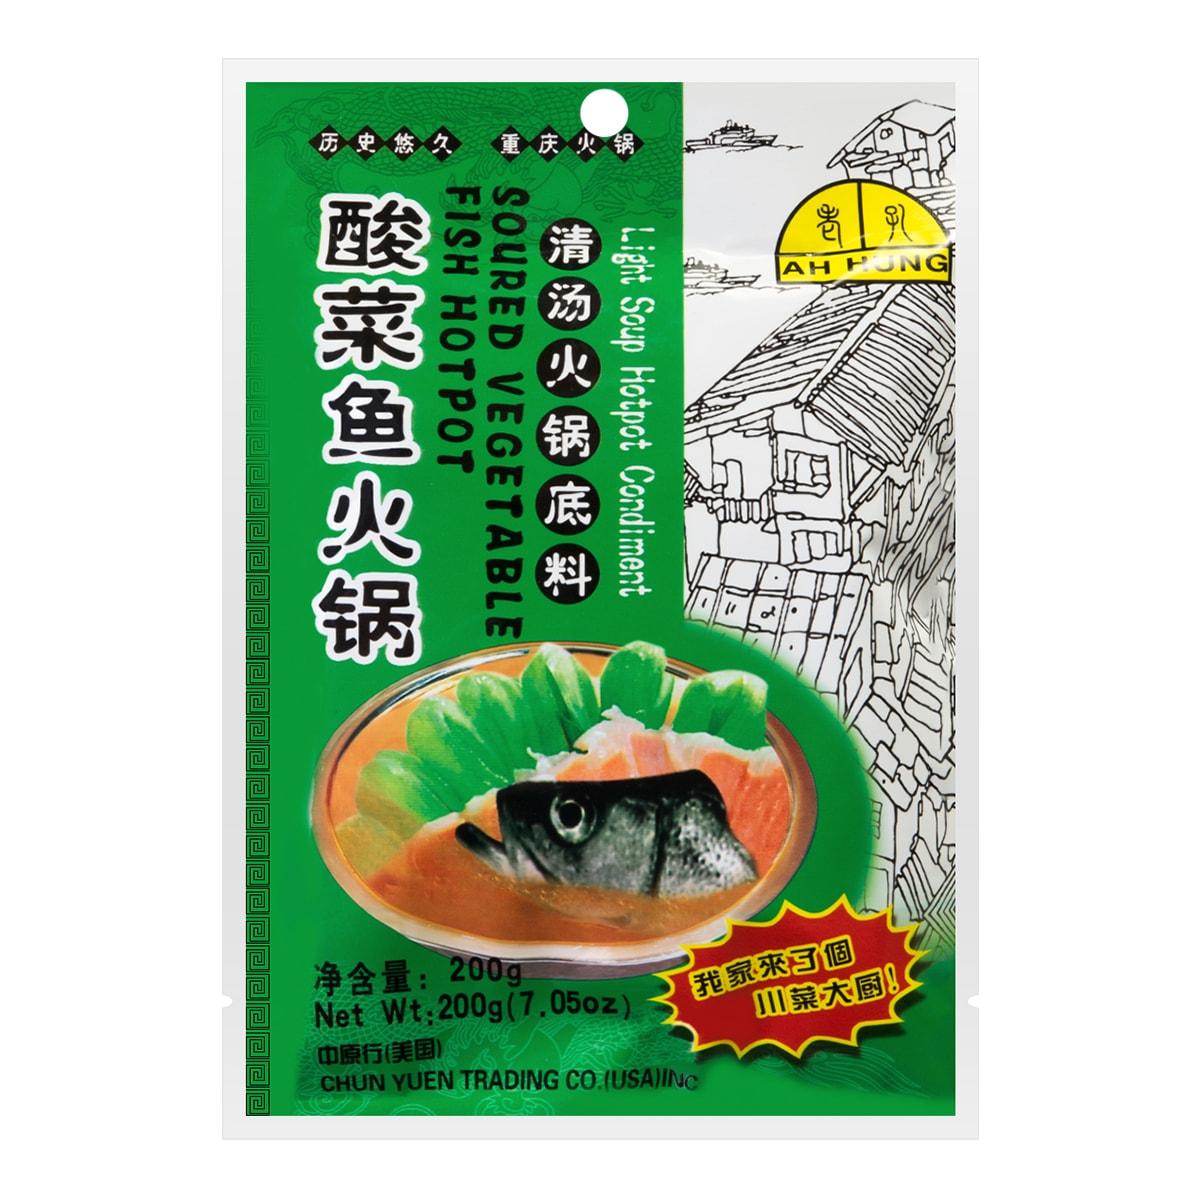 重庆老孔 清汤火锅底料 酸菜鱼火锅 200g